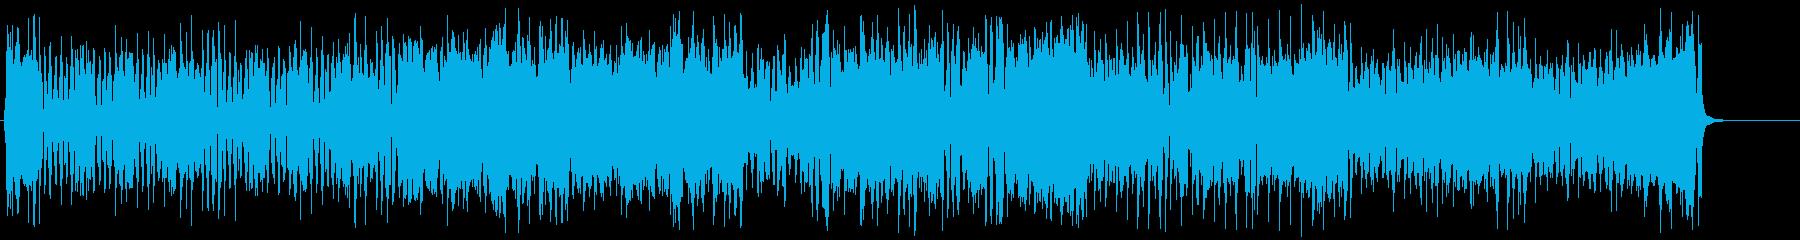 マーチングバンドのテーマ。ノスタル...の再生済みの波形